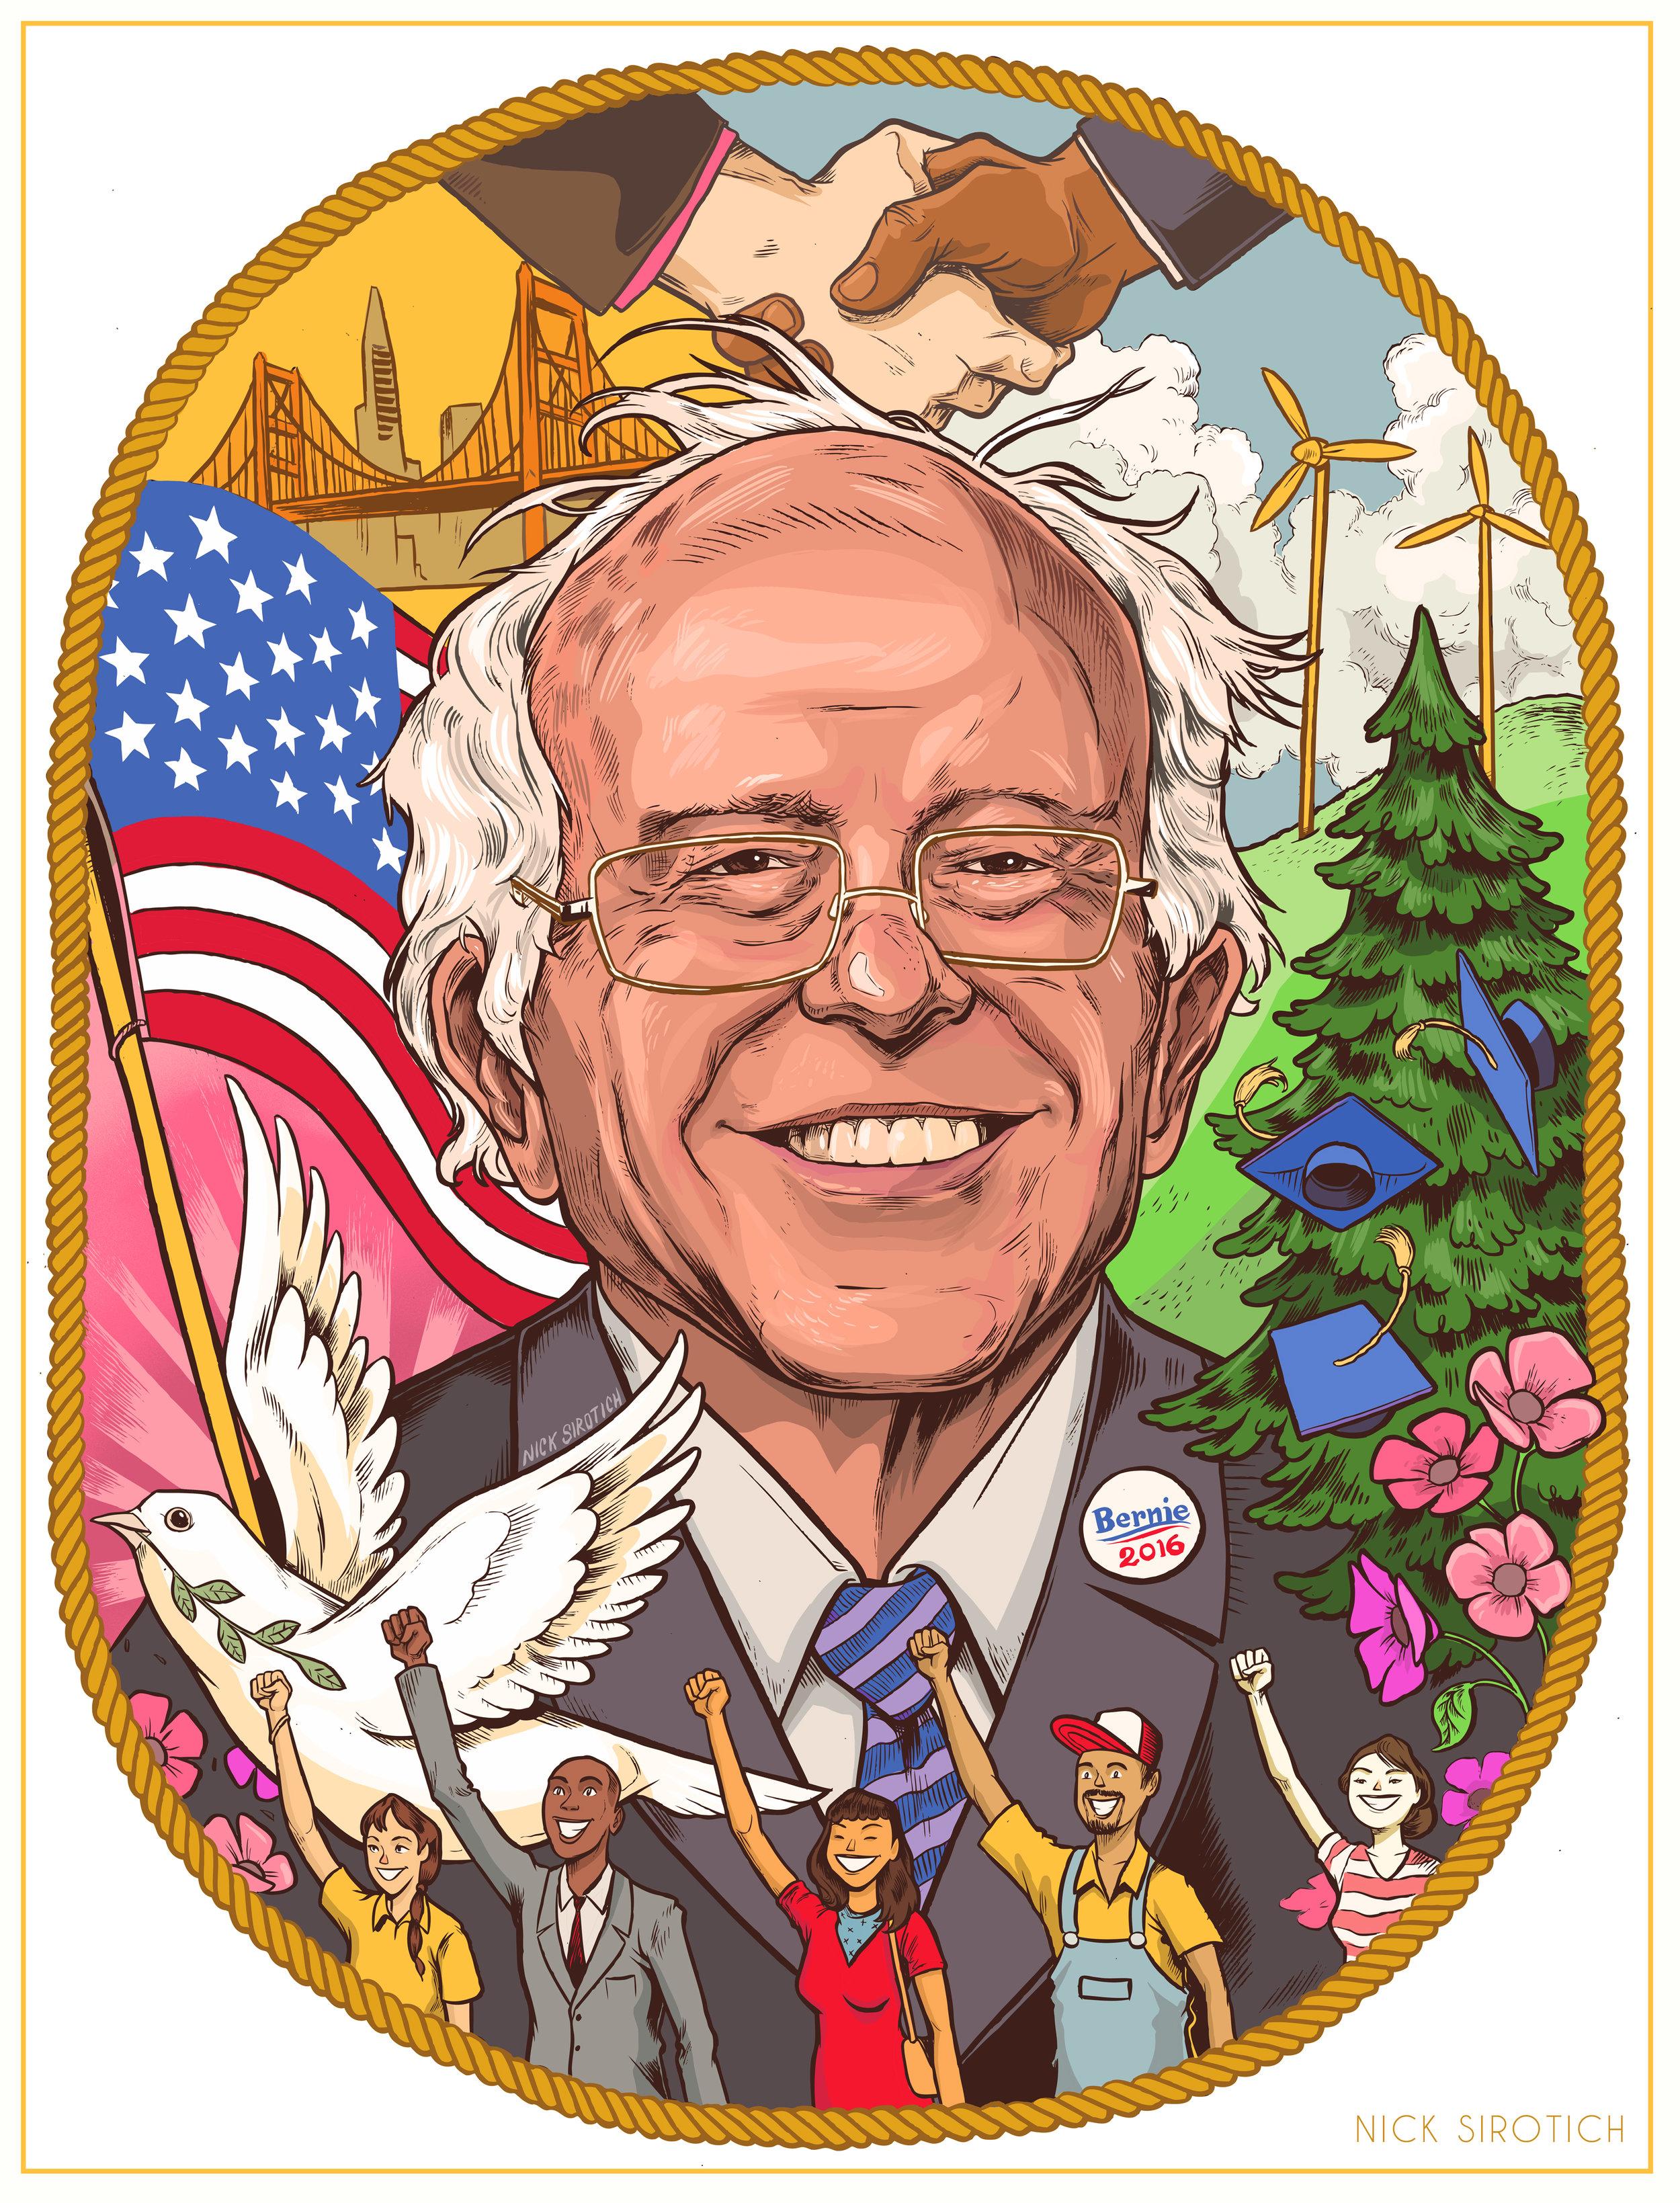 BernieFlat.jpg